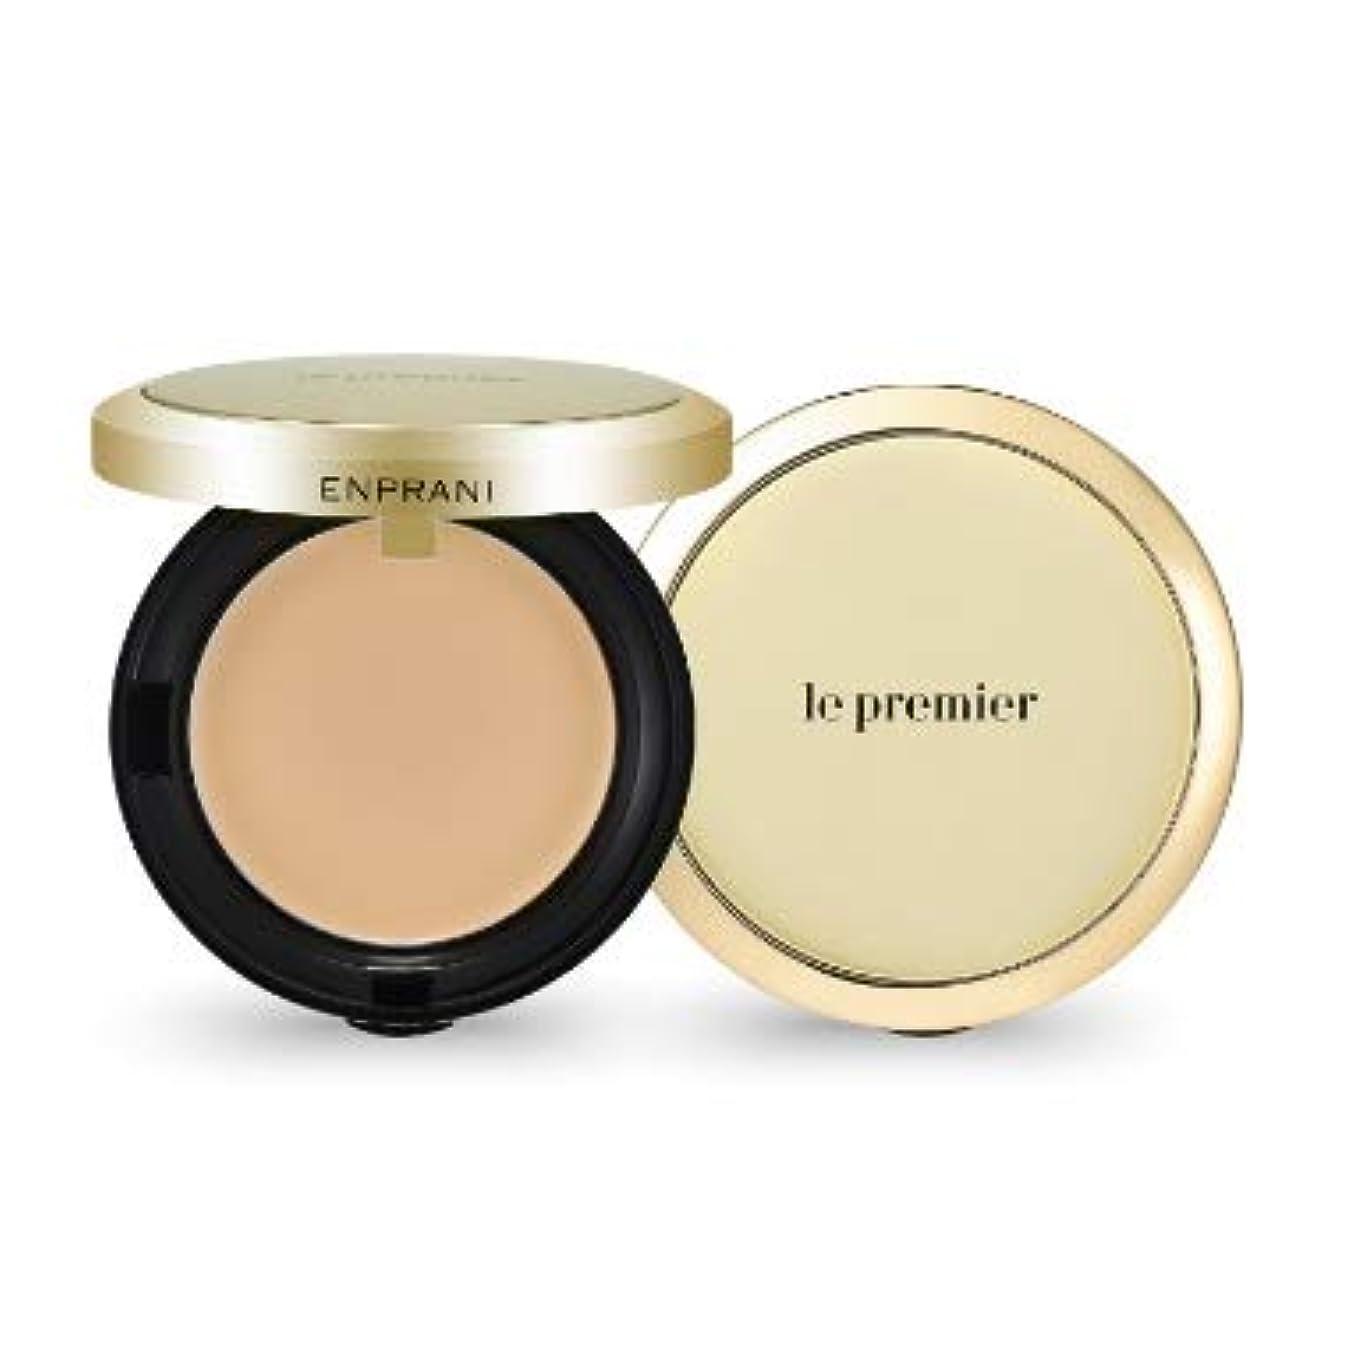 締める人気どこかENPRANI Le Premier Skin Cover Pact,#23 Natural Beige エンプラニ ル プレミア スキン カバー パクト [並行輸入品]